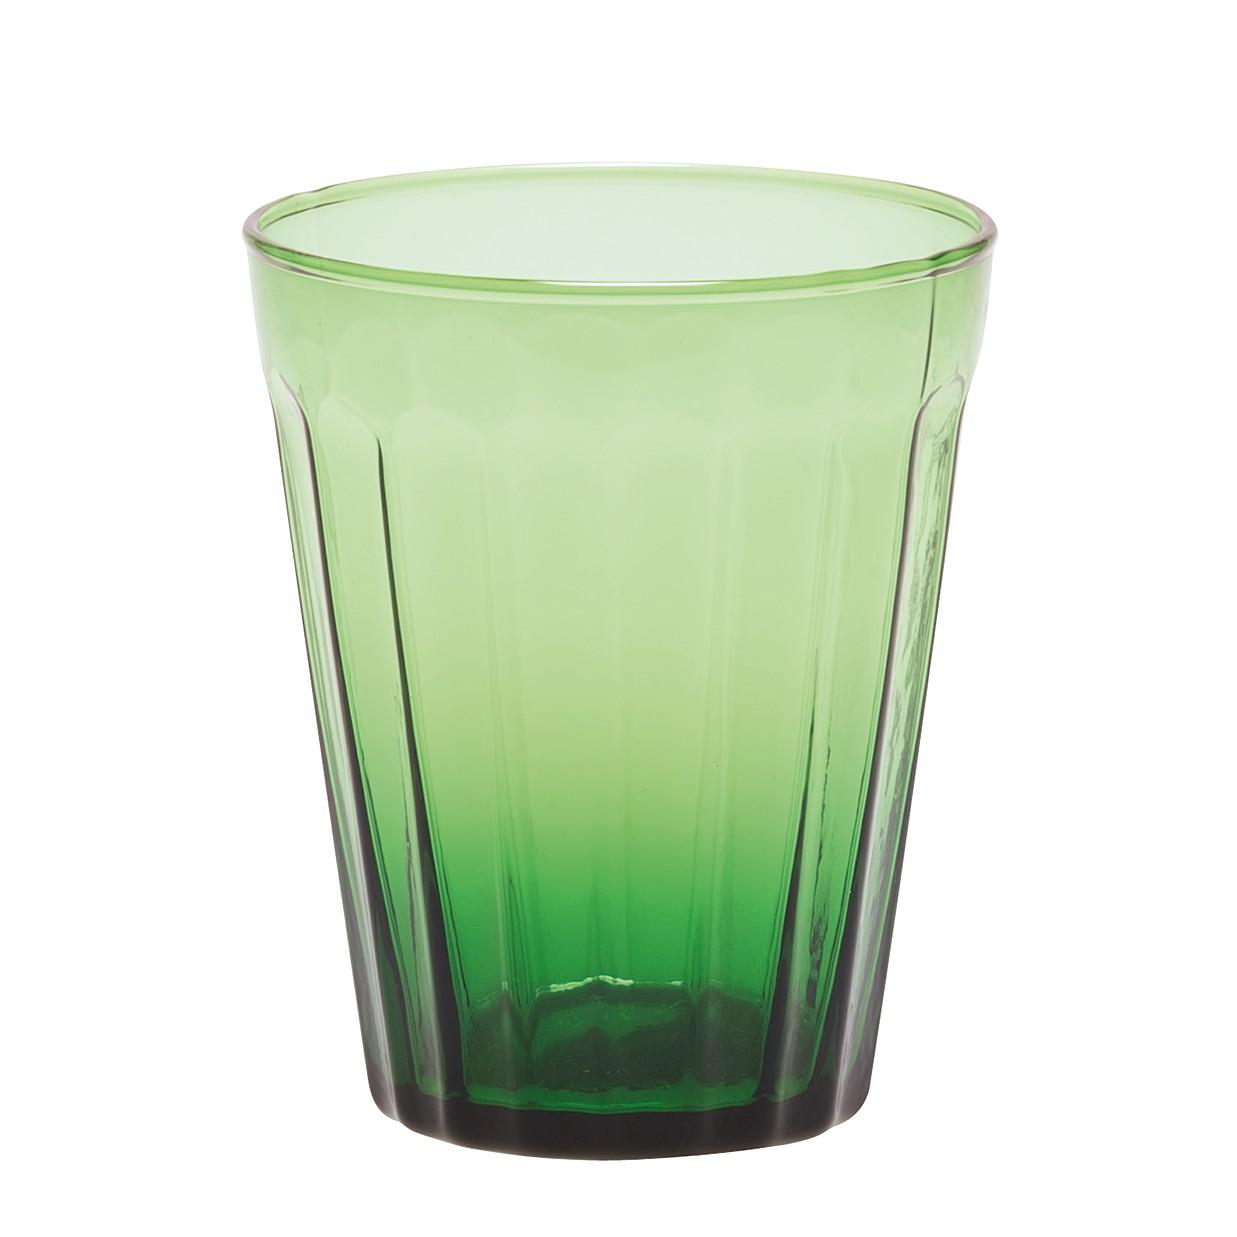 Trinkglas Lucca (6er-Set) – Glas – Grün, BITOSSI HOME jetzt bestellen